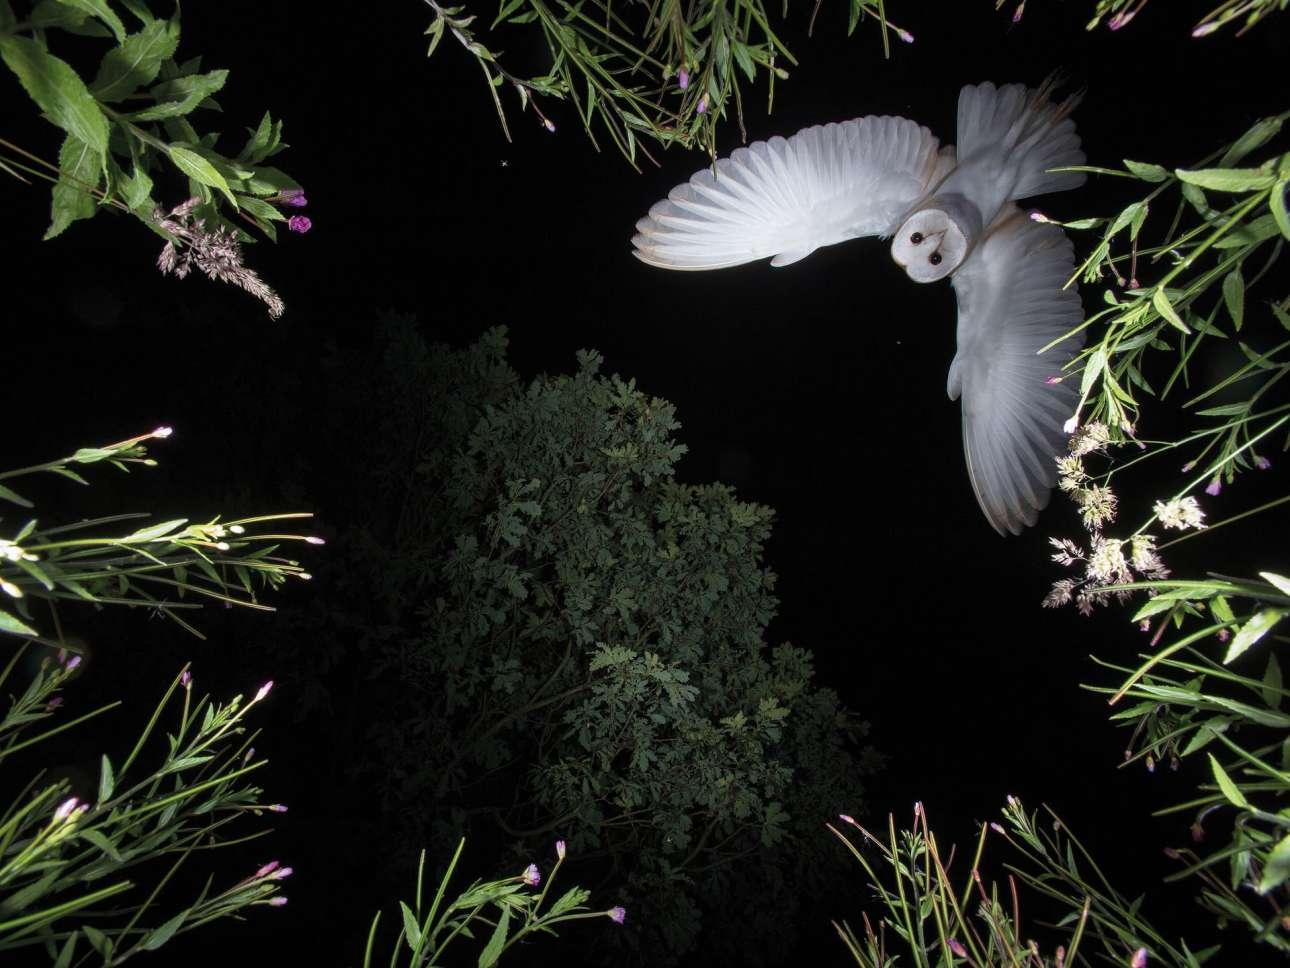 Κατηγορία «Συμπεριφορά Πτηνών». Σαν σκηνή βγαλμένη από θρίλερ, μία κουκουβάγια πετάει μέσα στο σκοτάδι στην εξοχή της Βρετανίας